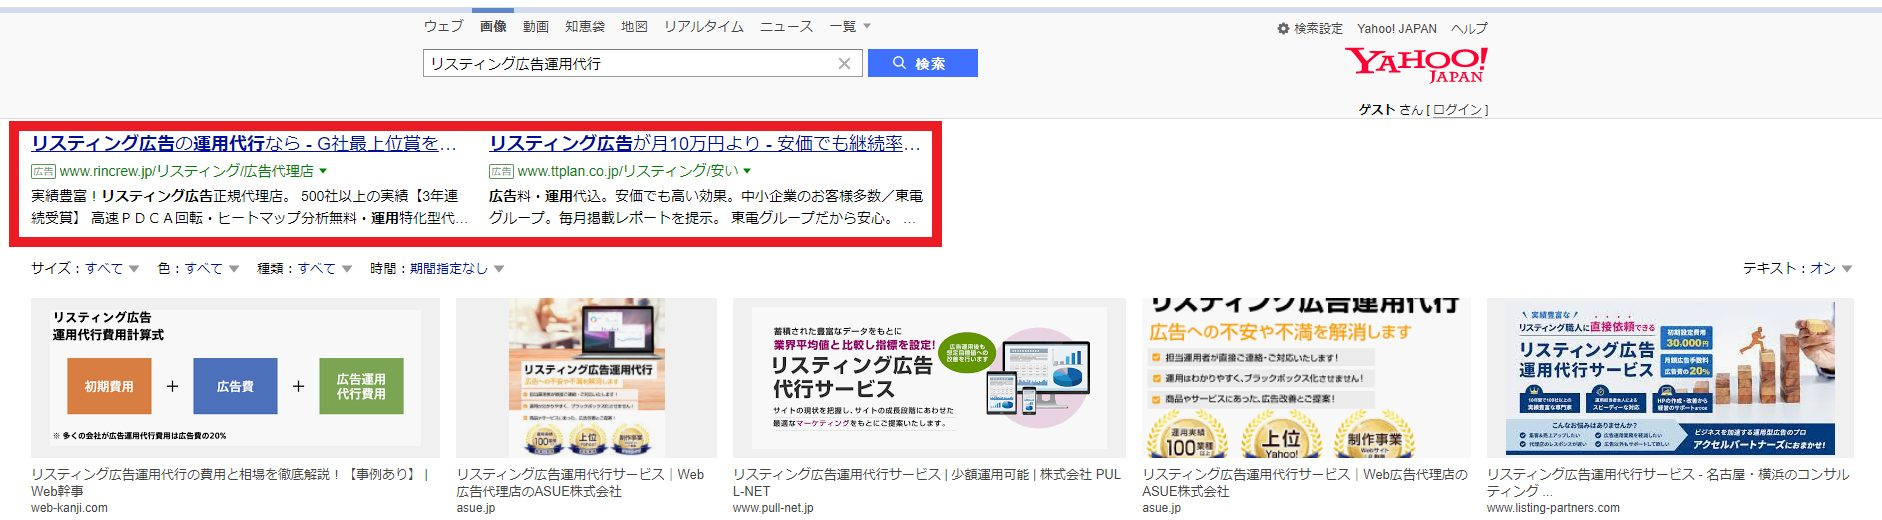 Yahoo!検索広告の広告掲載方式(画像)